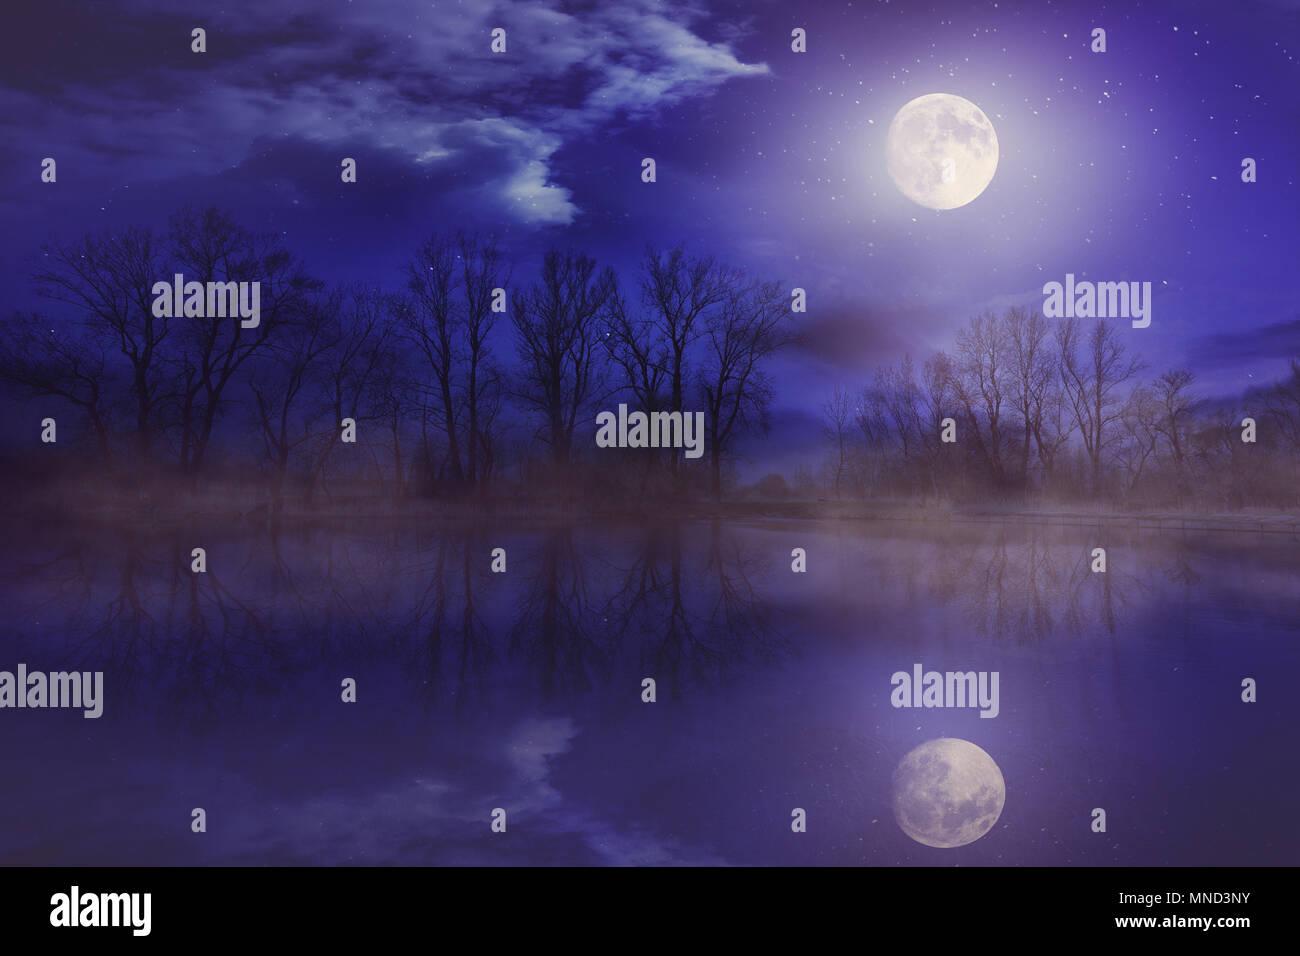 Nacht der Mond im See widerspiegeln Stockfoto